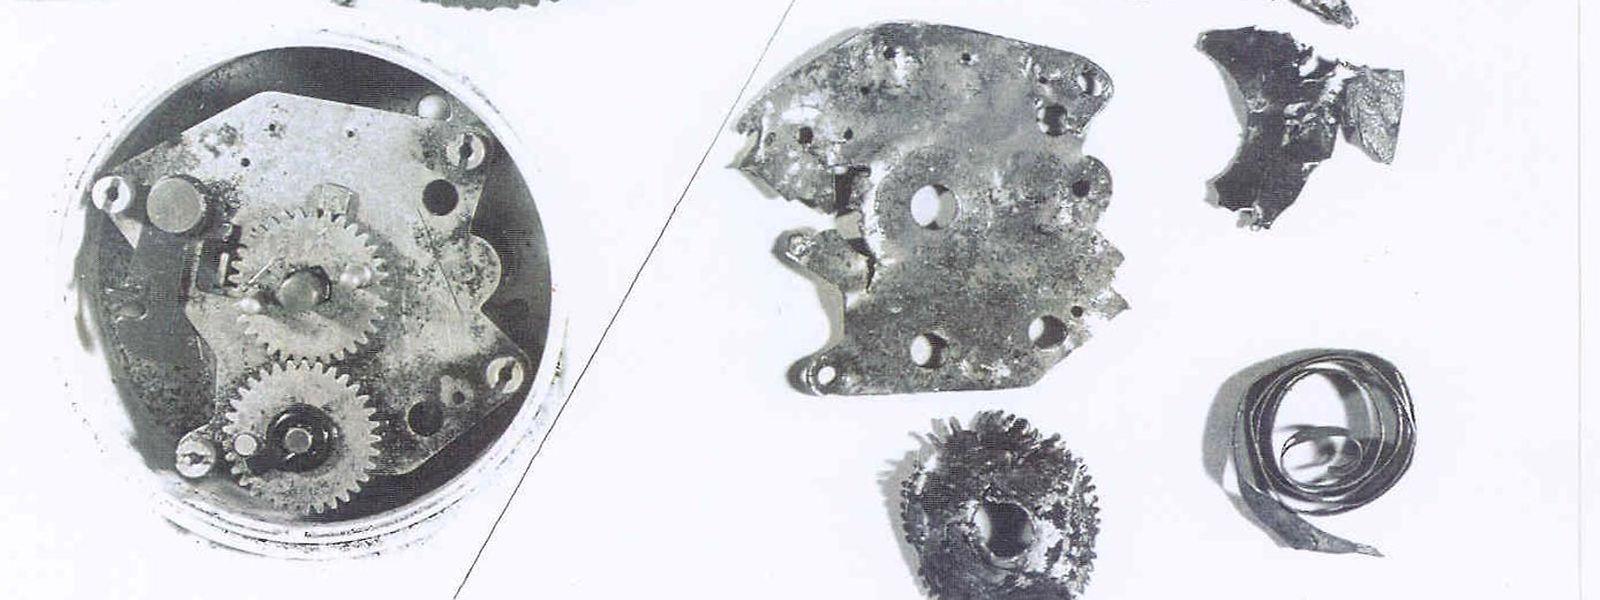 Während die Attentäter ihre Bomben zumeist pyrotechnisch zündeten, kamen bei den Explosionen an der Schueberfouer und in den Kasematten Eierwecker der Marke Staiger zum Einsatz. Deren wurden in Luxemburg nur 56 in einem Elektrohandel in der Rue Philippe II verkauft. Fünf davon in der Vorweihnachtszeit 1984, an einen Mann, der die Kurzzeitmesser einzeln in Geschenkpapier einwickeln ließ.